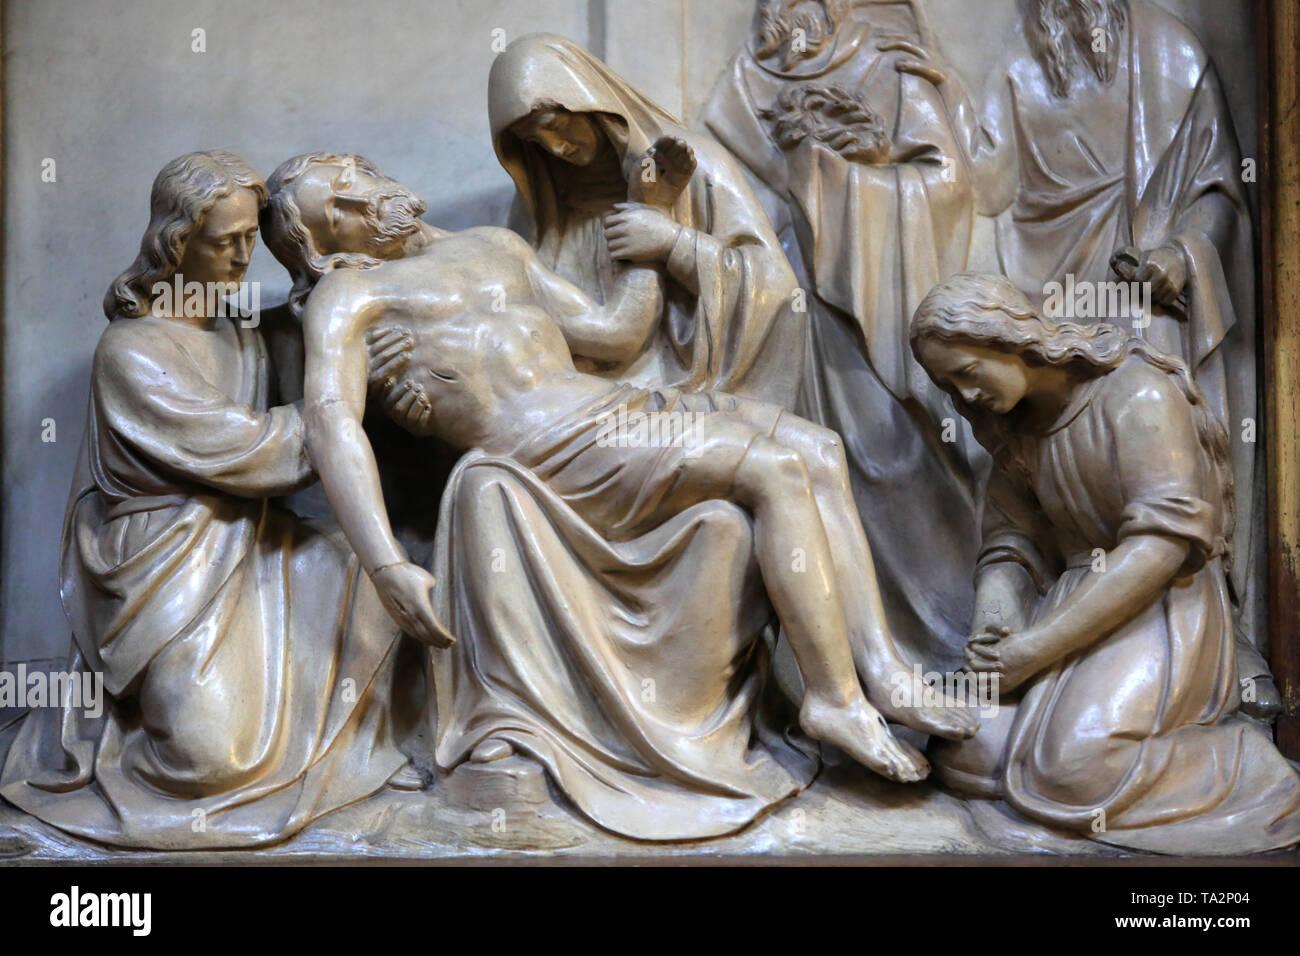 Jésus-Christ dans les Bras de sa Mère. Eglise Cook. Saint-Cloud. Jesus Christus in den Armen seiner Mutter. Kirche St. Clodoald. Saint-Cloud. Stockbild